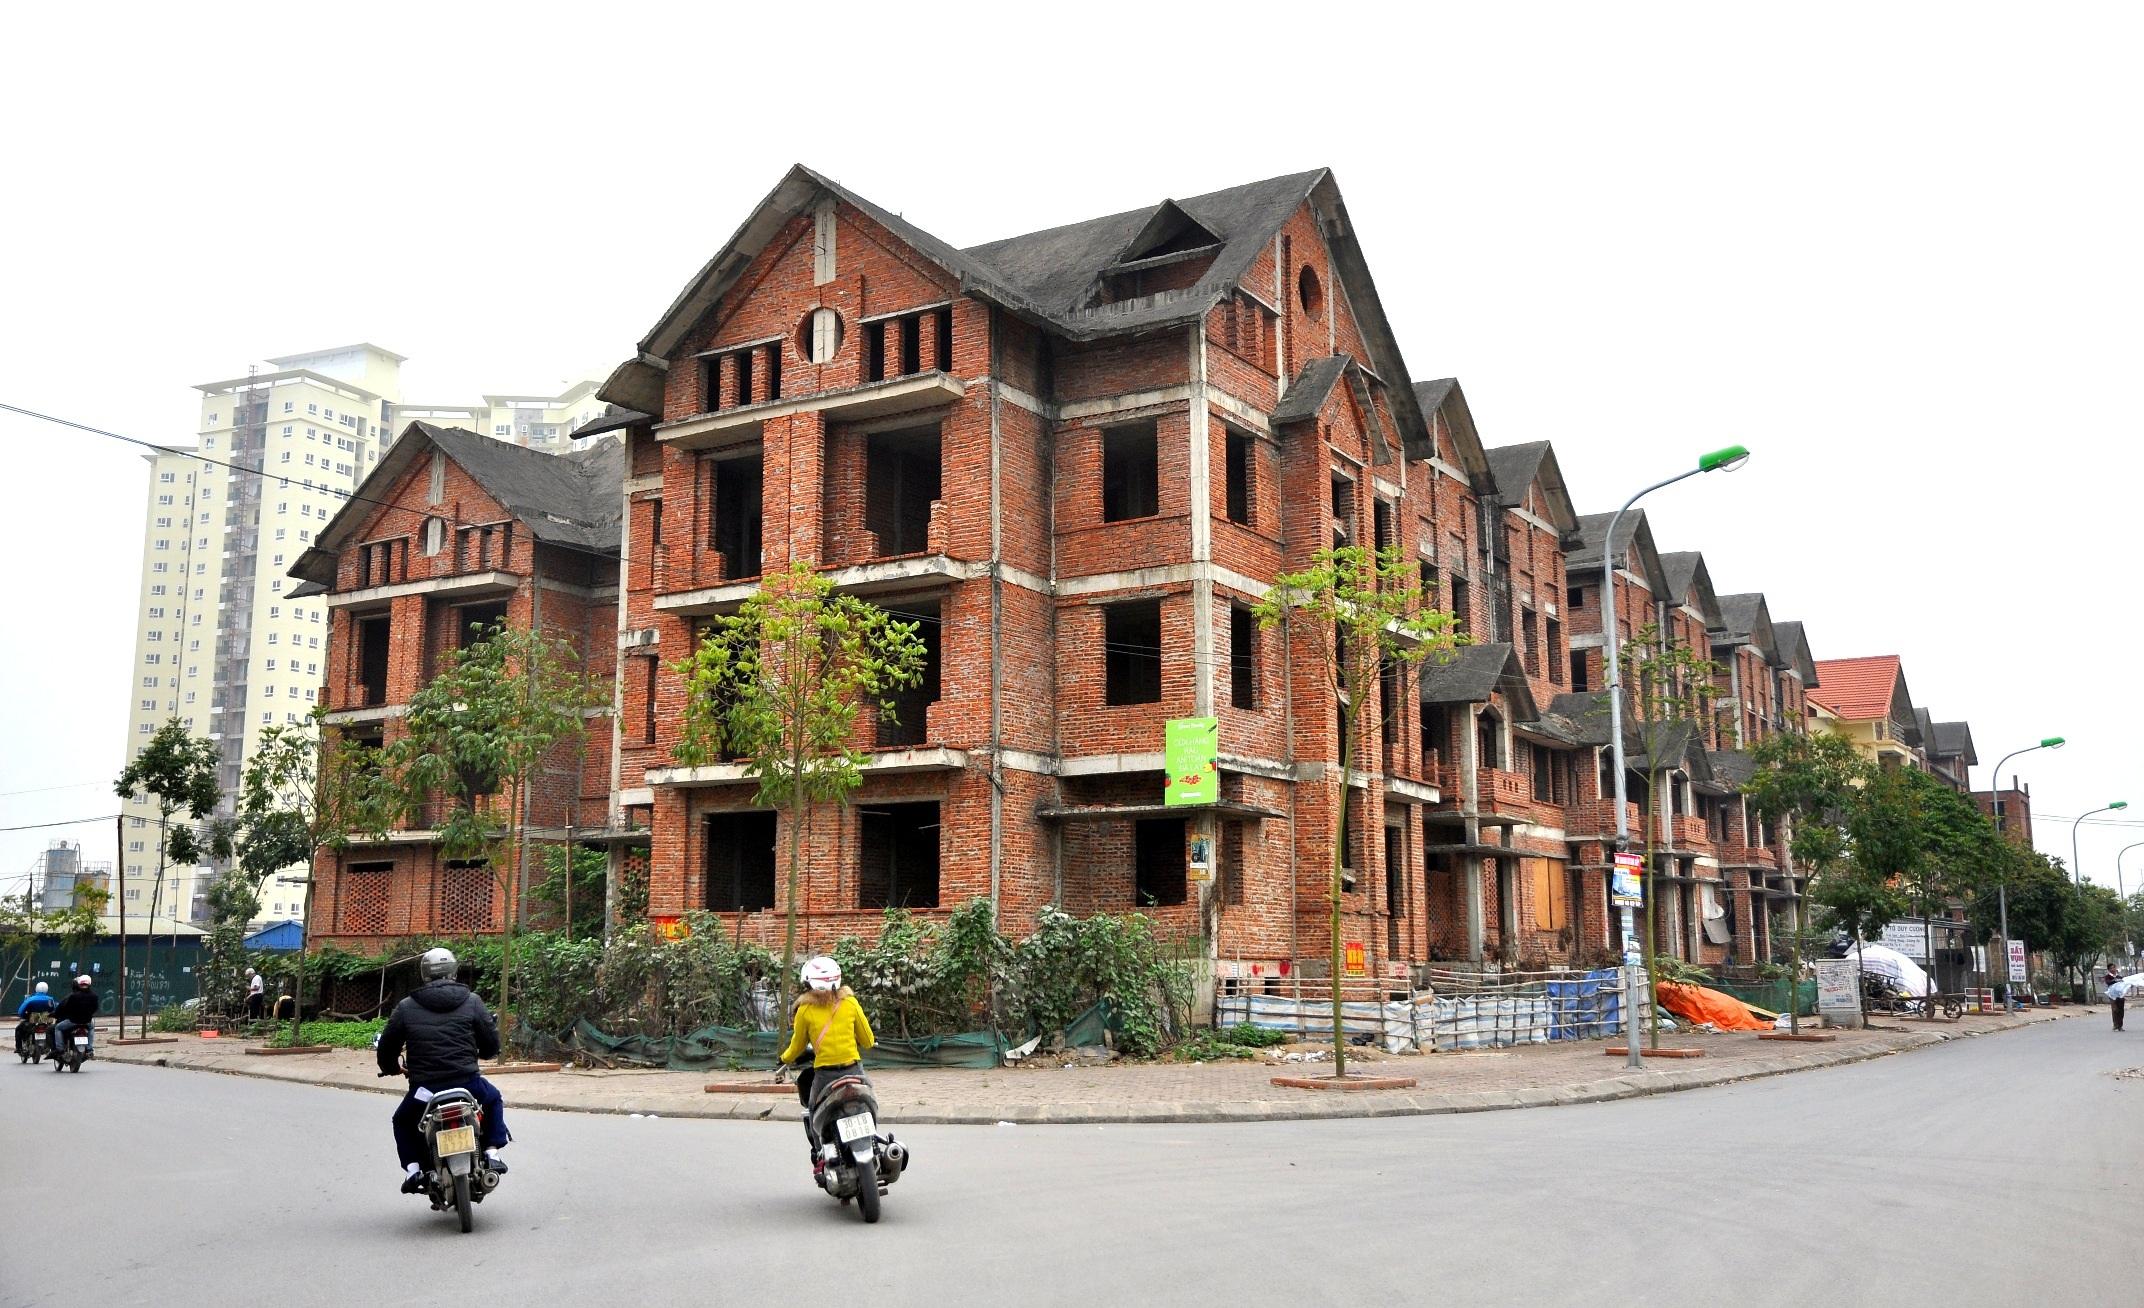 Không chỉ Trung Văn, hiện ở Hà Nội vẫn có khá nhiều khu biệt thự bỏ hoang, được người dân tận dụng trồng rau và chăn nuôi.